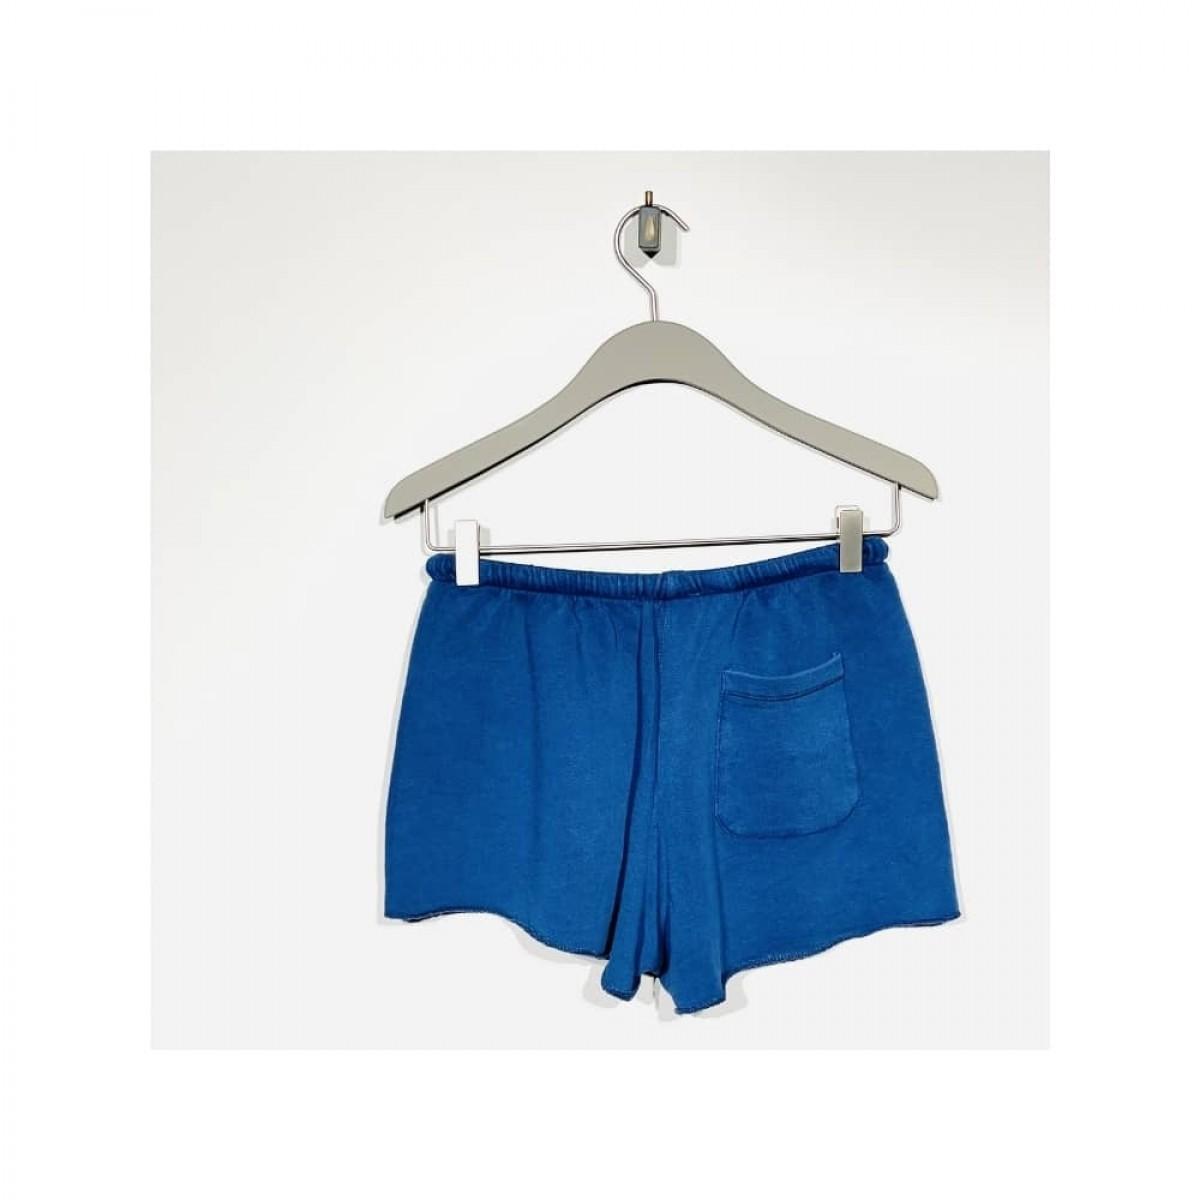 hapylife shorts - vintage blue - bag